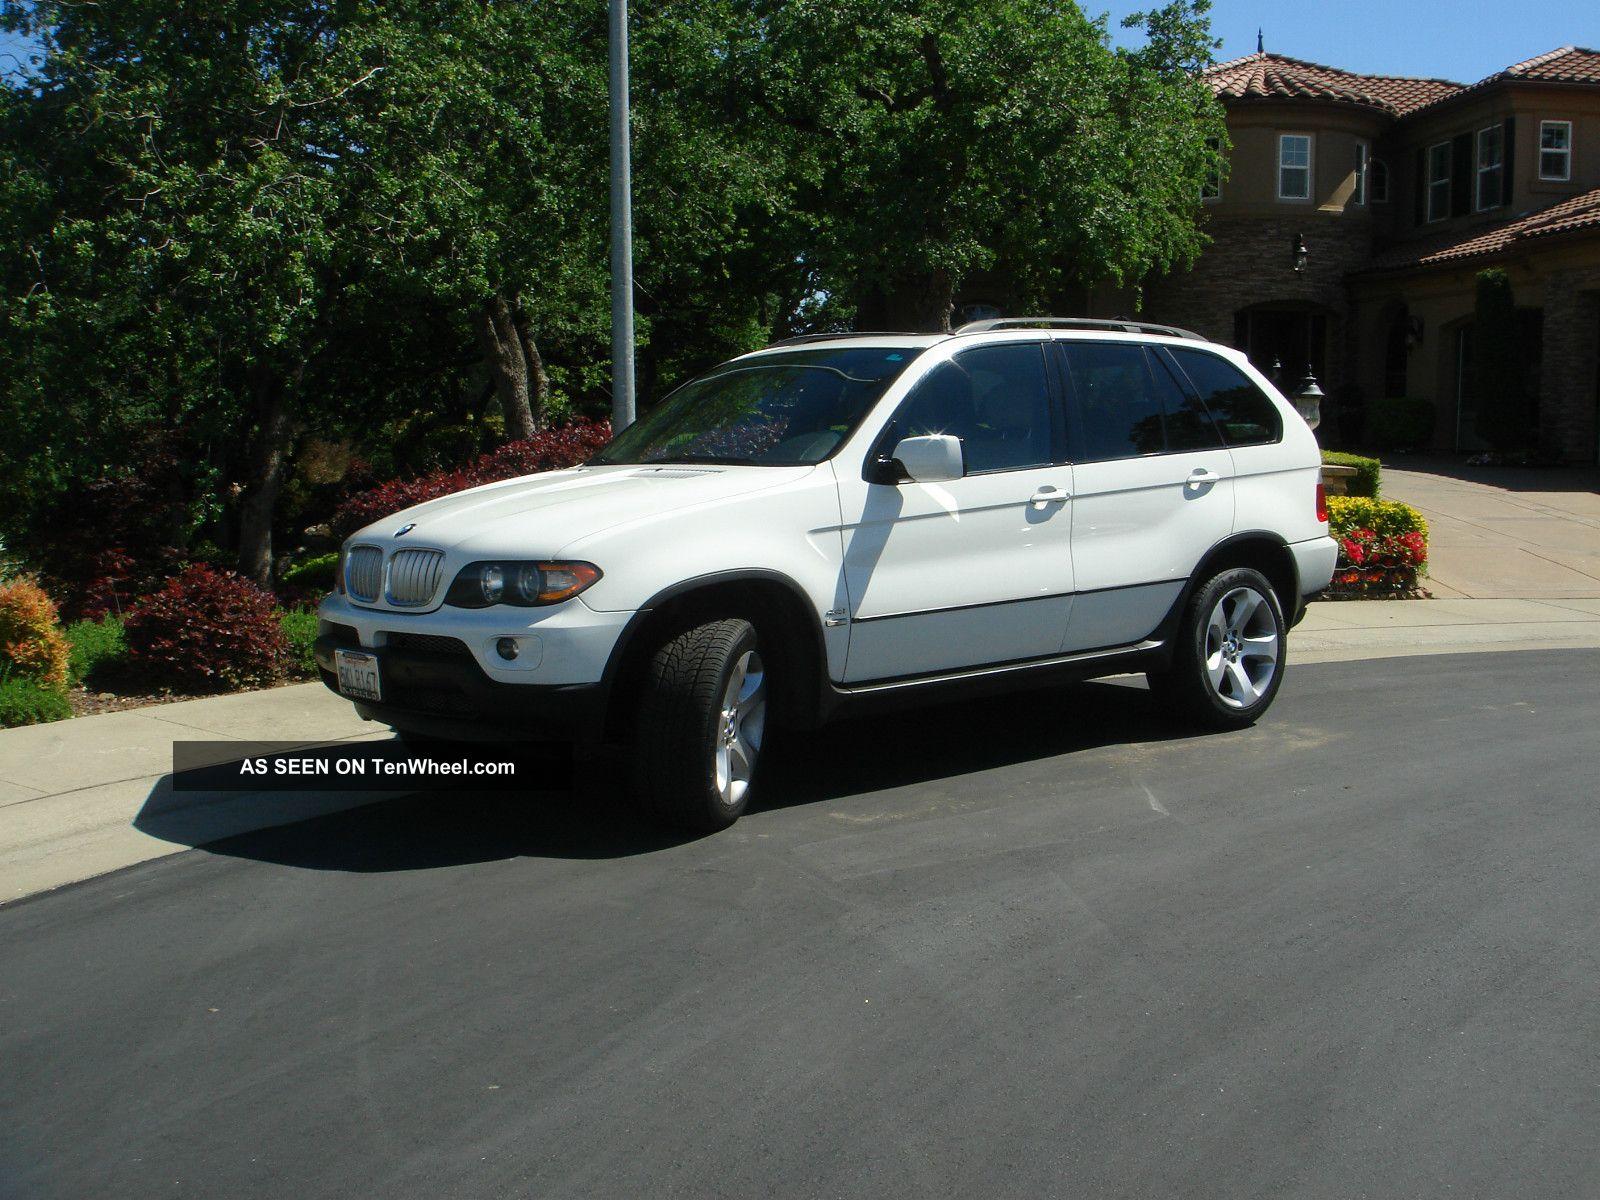 2004 bmw x5 4 4i sport utility excellent transmission. Black Bedroom Furniture Sets. Home Design Ideas